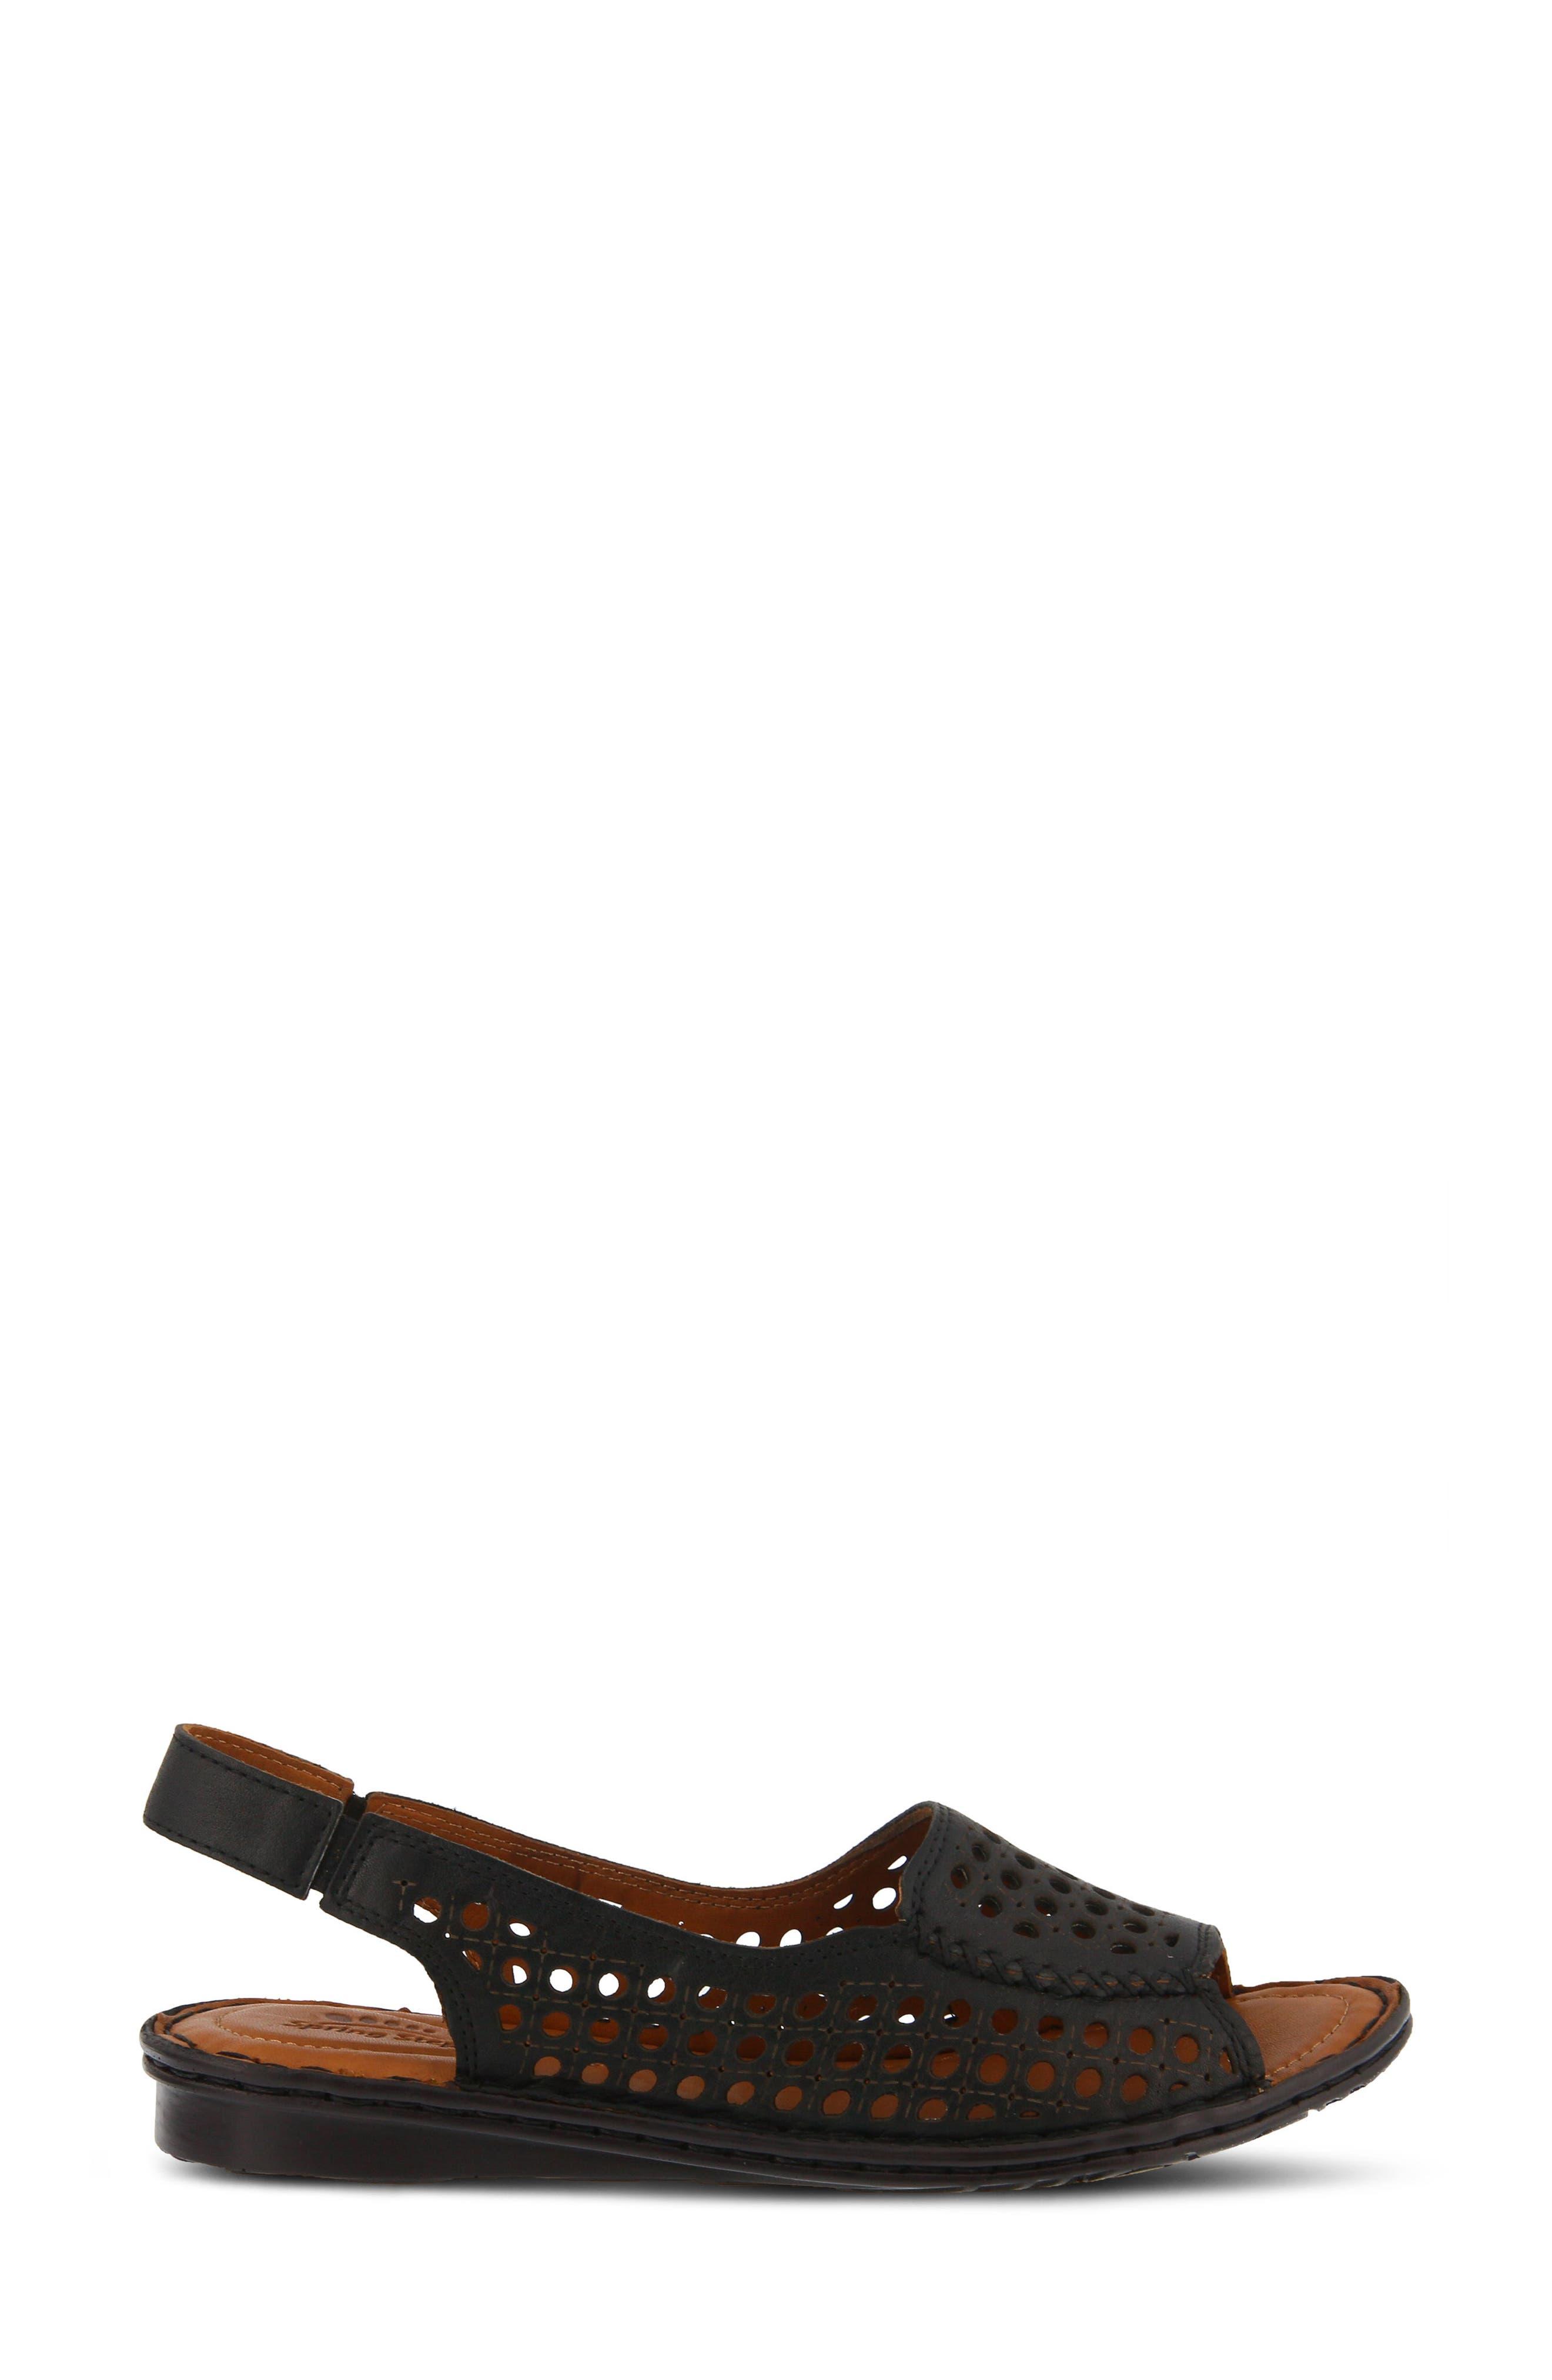 Jordana Slingback Sandal,                             Alternate thumbnail 3, color,                             BLACK LEATHER